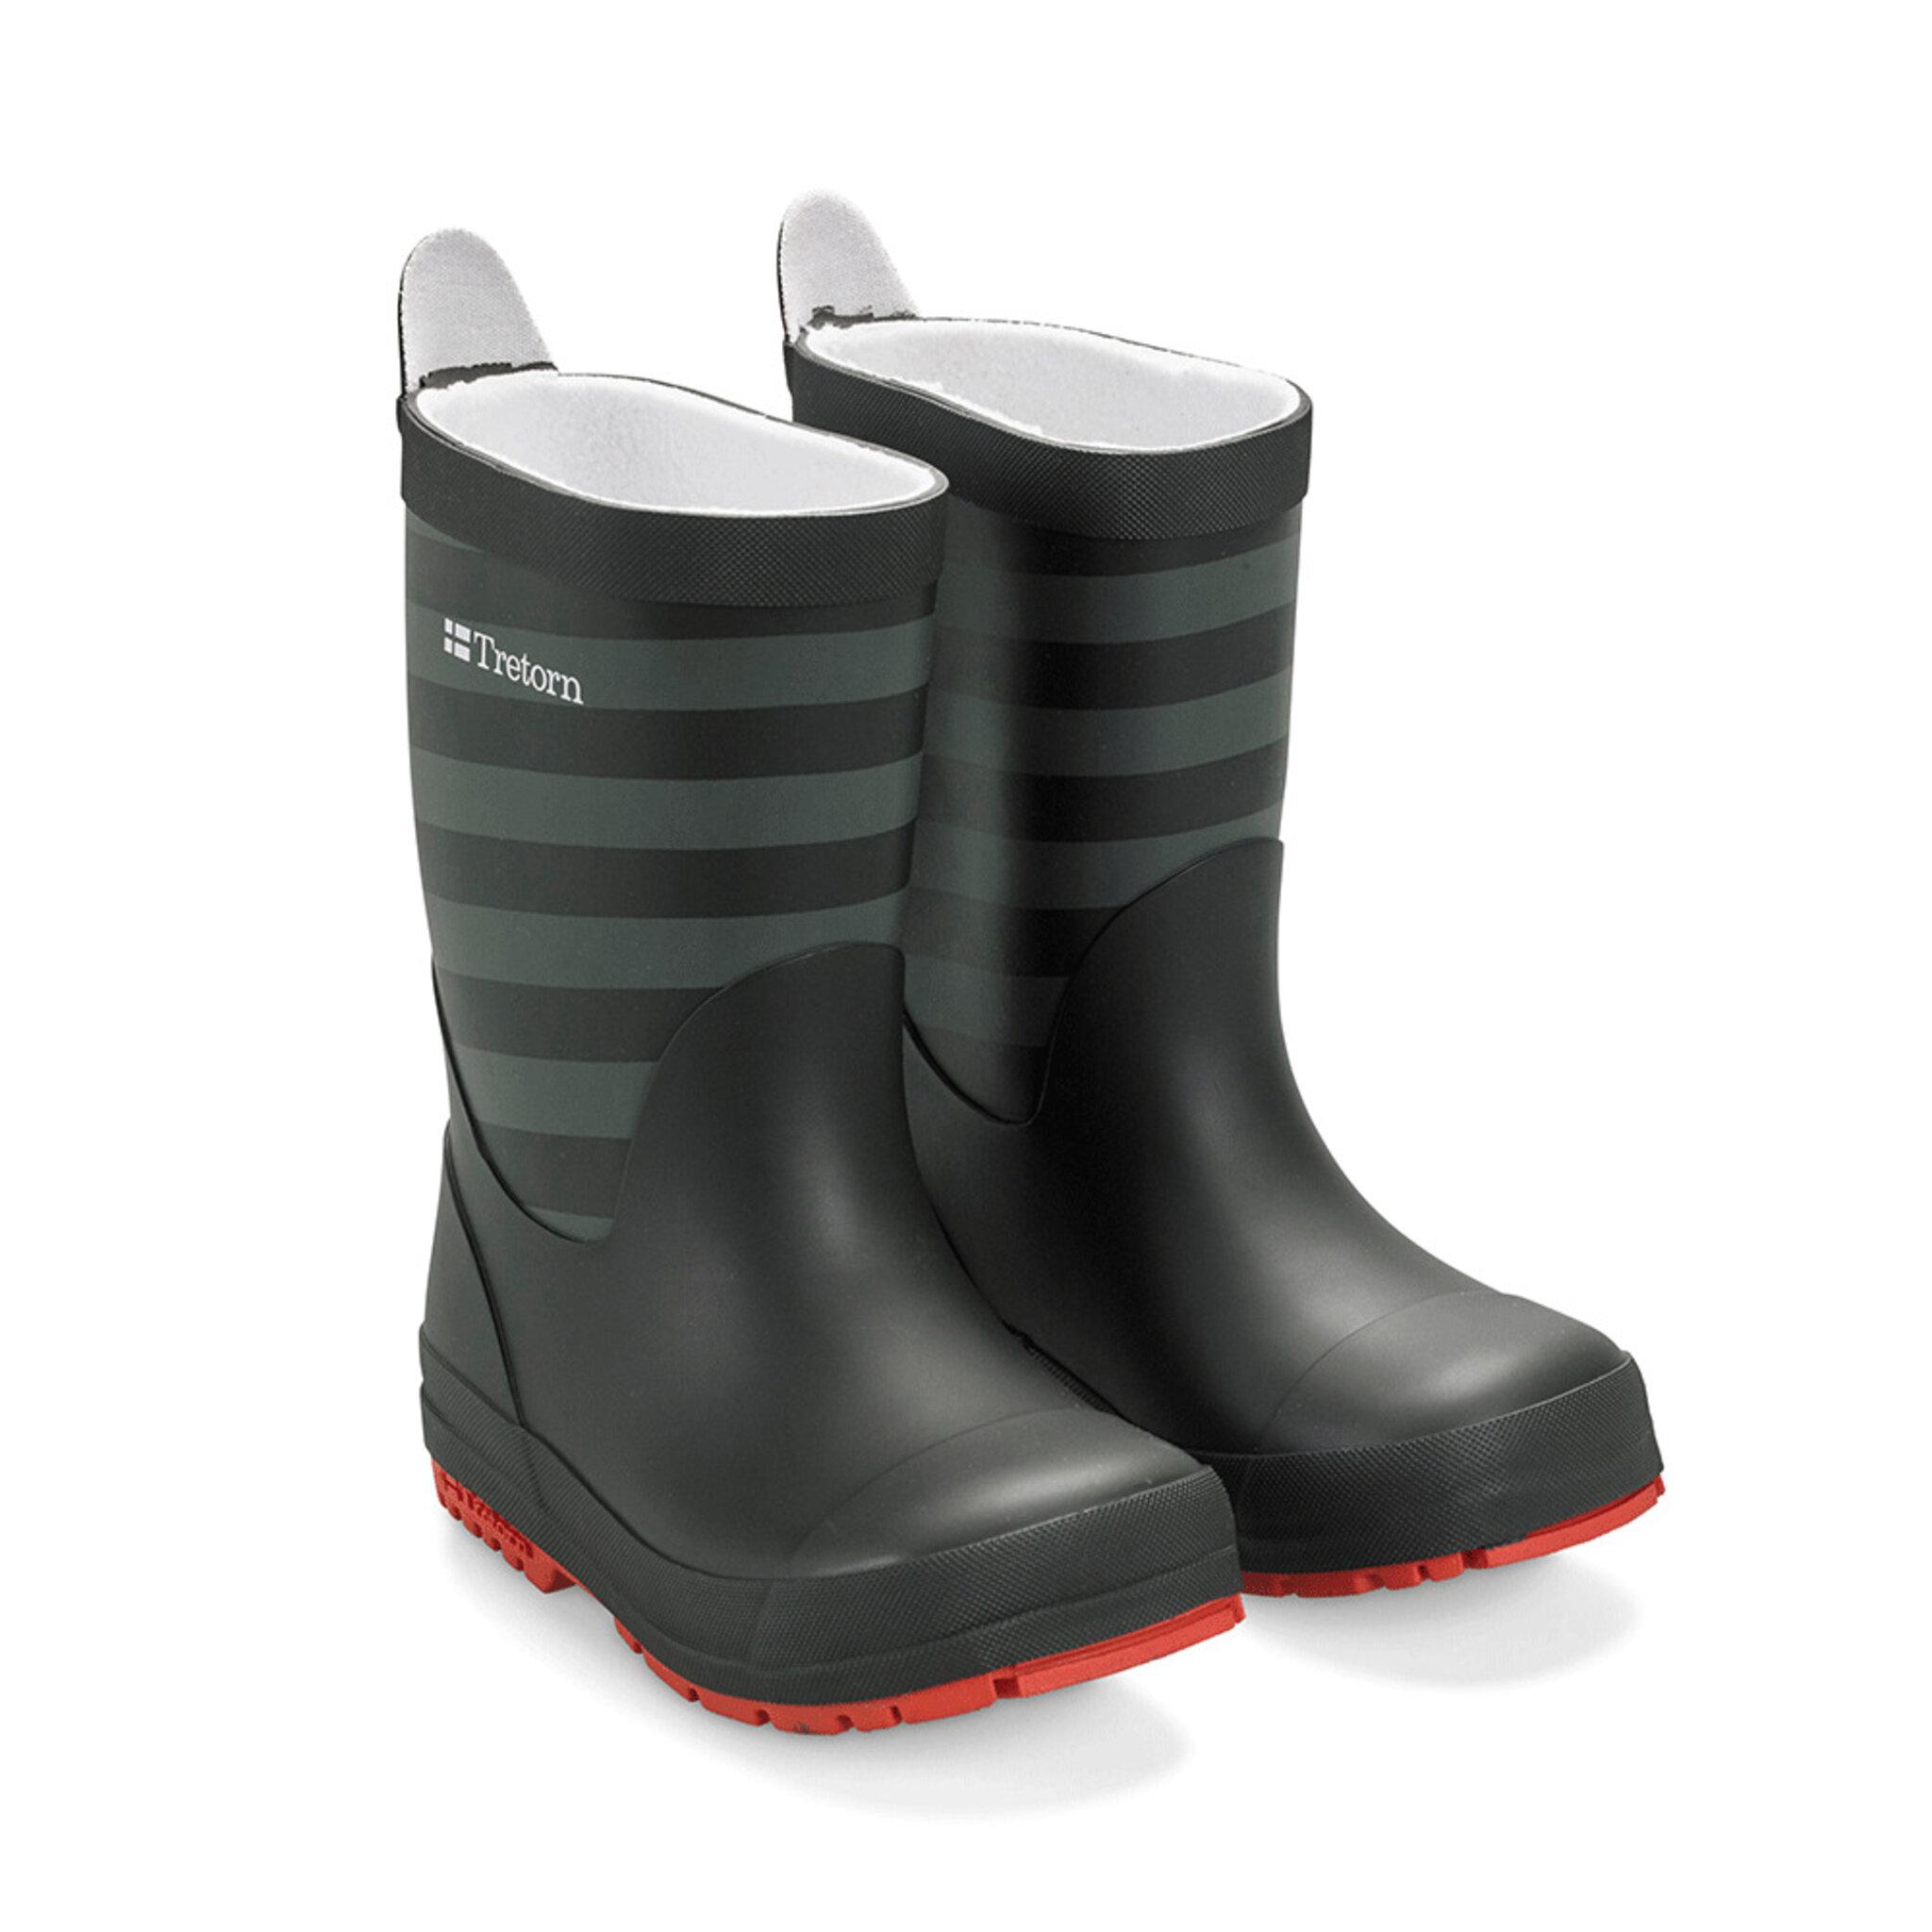 1aa9793aefb Gränna gummistövel - Accessoarer & skor - Köp online på åhlens.se!